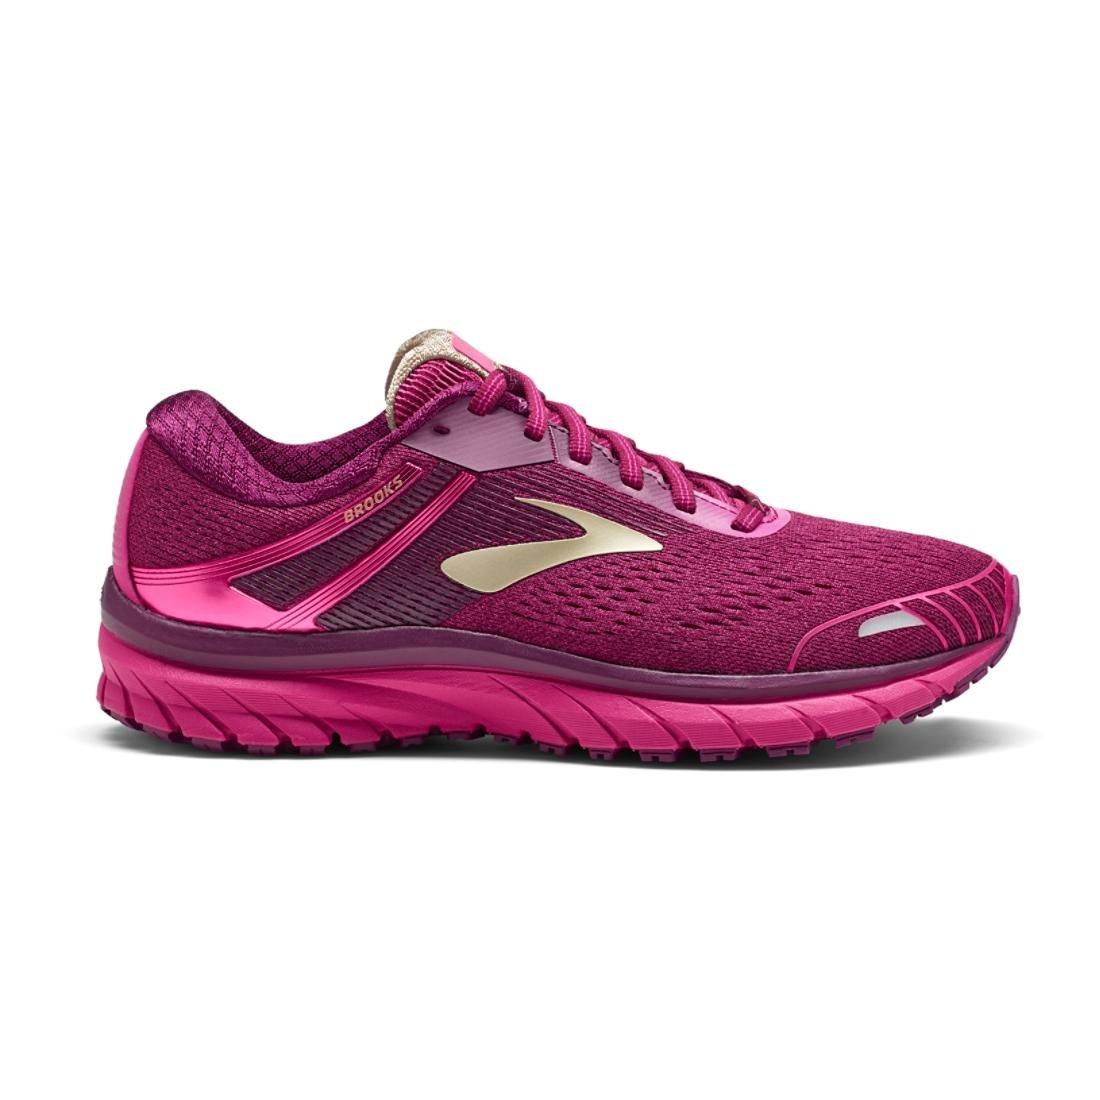 新作 Brooks Women's 8.5 Adrenaline Gts 18 B071NSPG4L Pink/Plum B071NSPG4L 8.5 18 B(M) US 8.5 B(M) US|Pink/Plum, 建材Ladyにおまかせ ワニパーク:b93bebec --- svecha37.ru